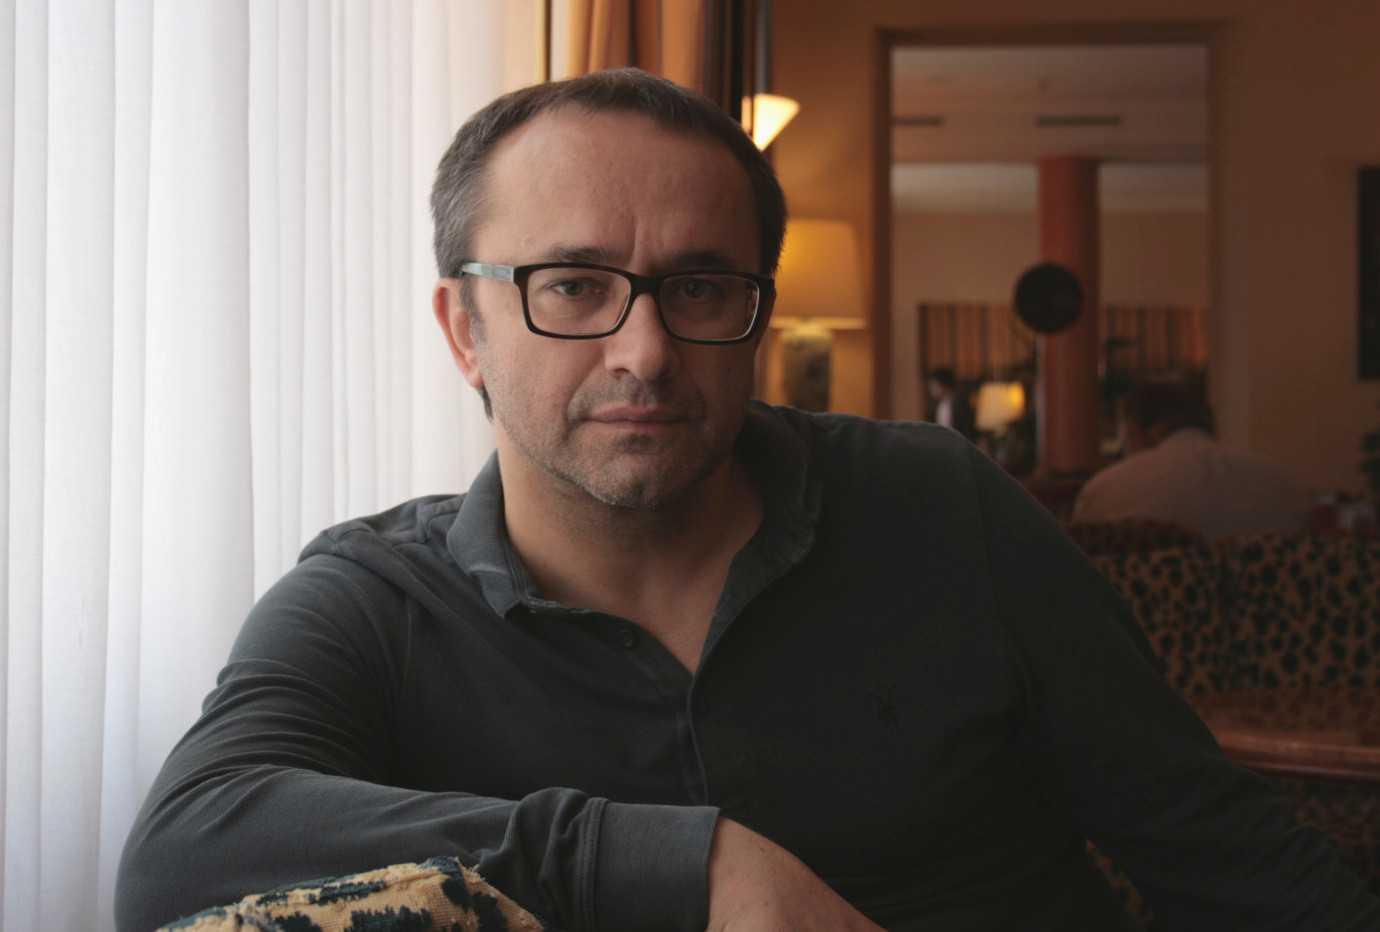 Фильм «Нелюбовь» Андрея Звягинцева получил приз жюри 70-го Каннского кинофестиваля